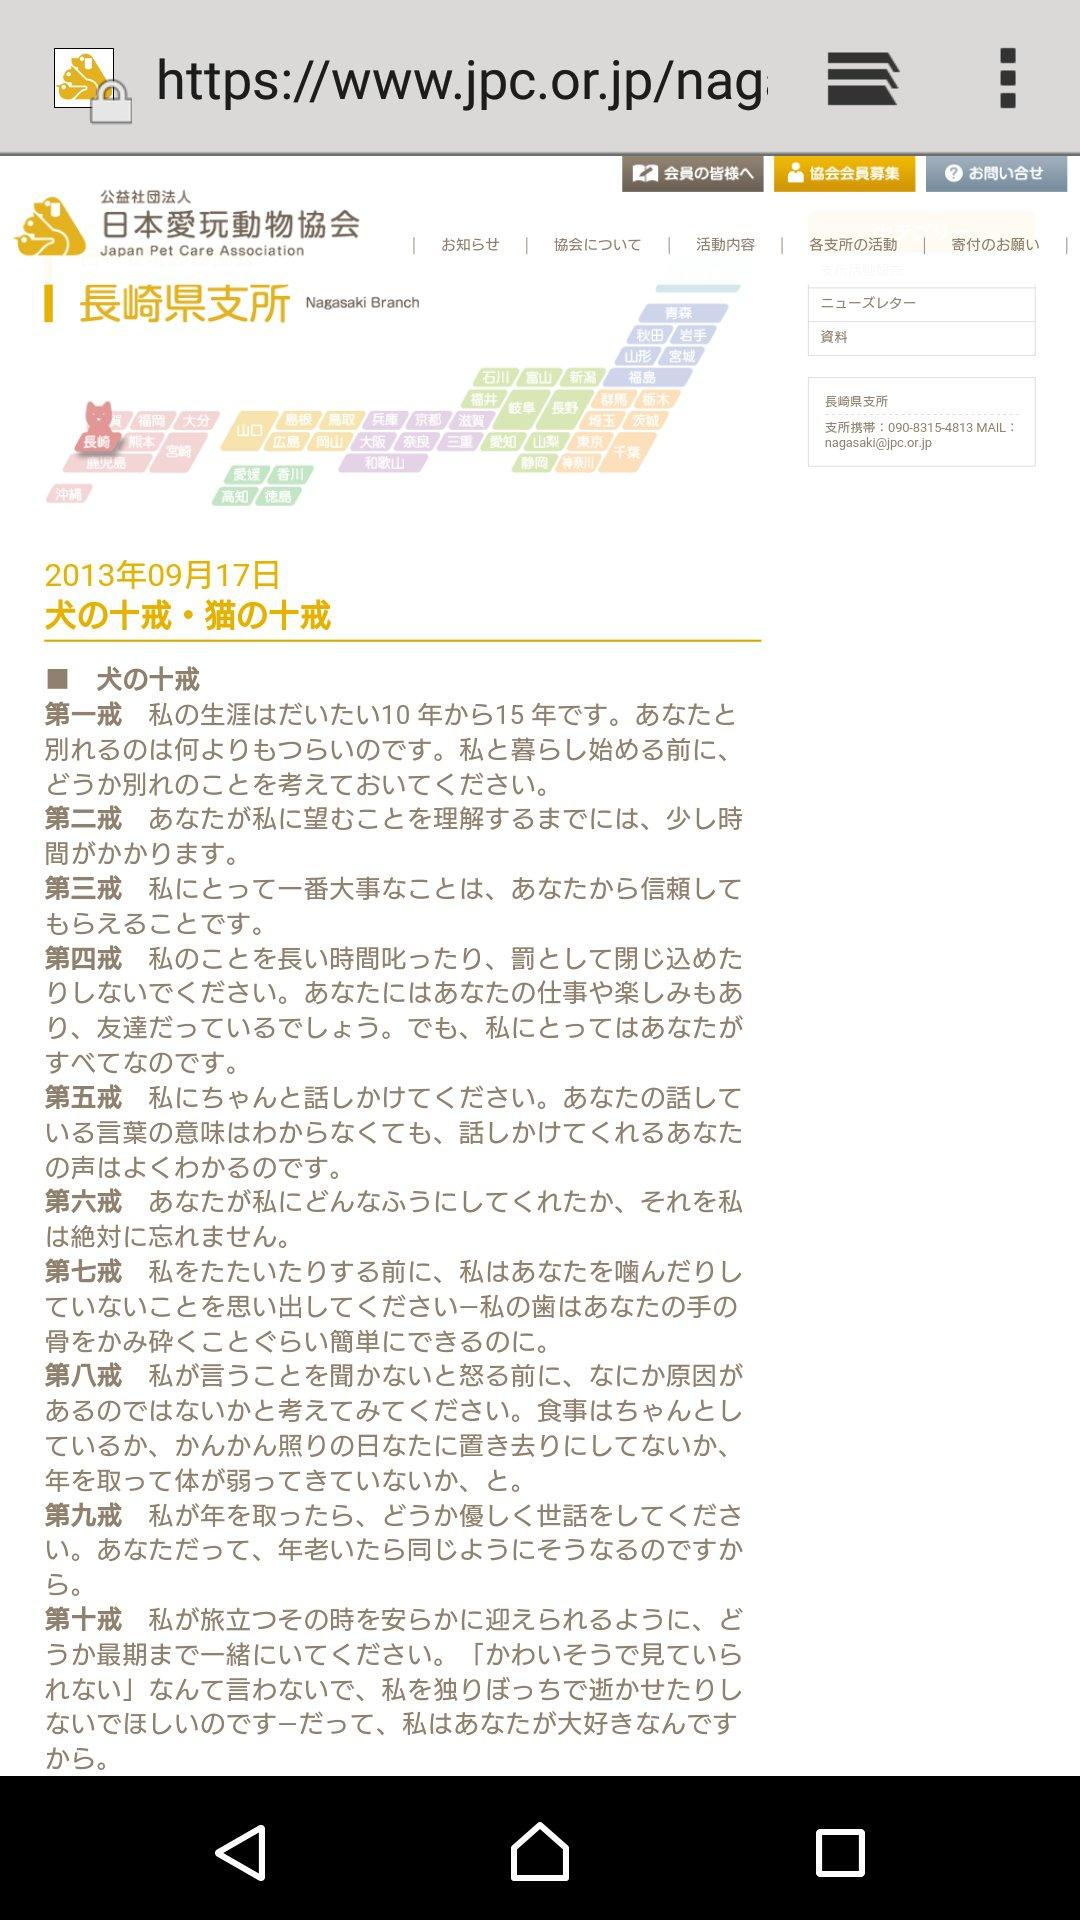 犬の十戒に対して猫の十戒がフリーダムすぎて笑う。しかもこれが日本愛玩動物協会の公式HPに記載されてるのが最高すぎる。